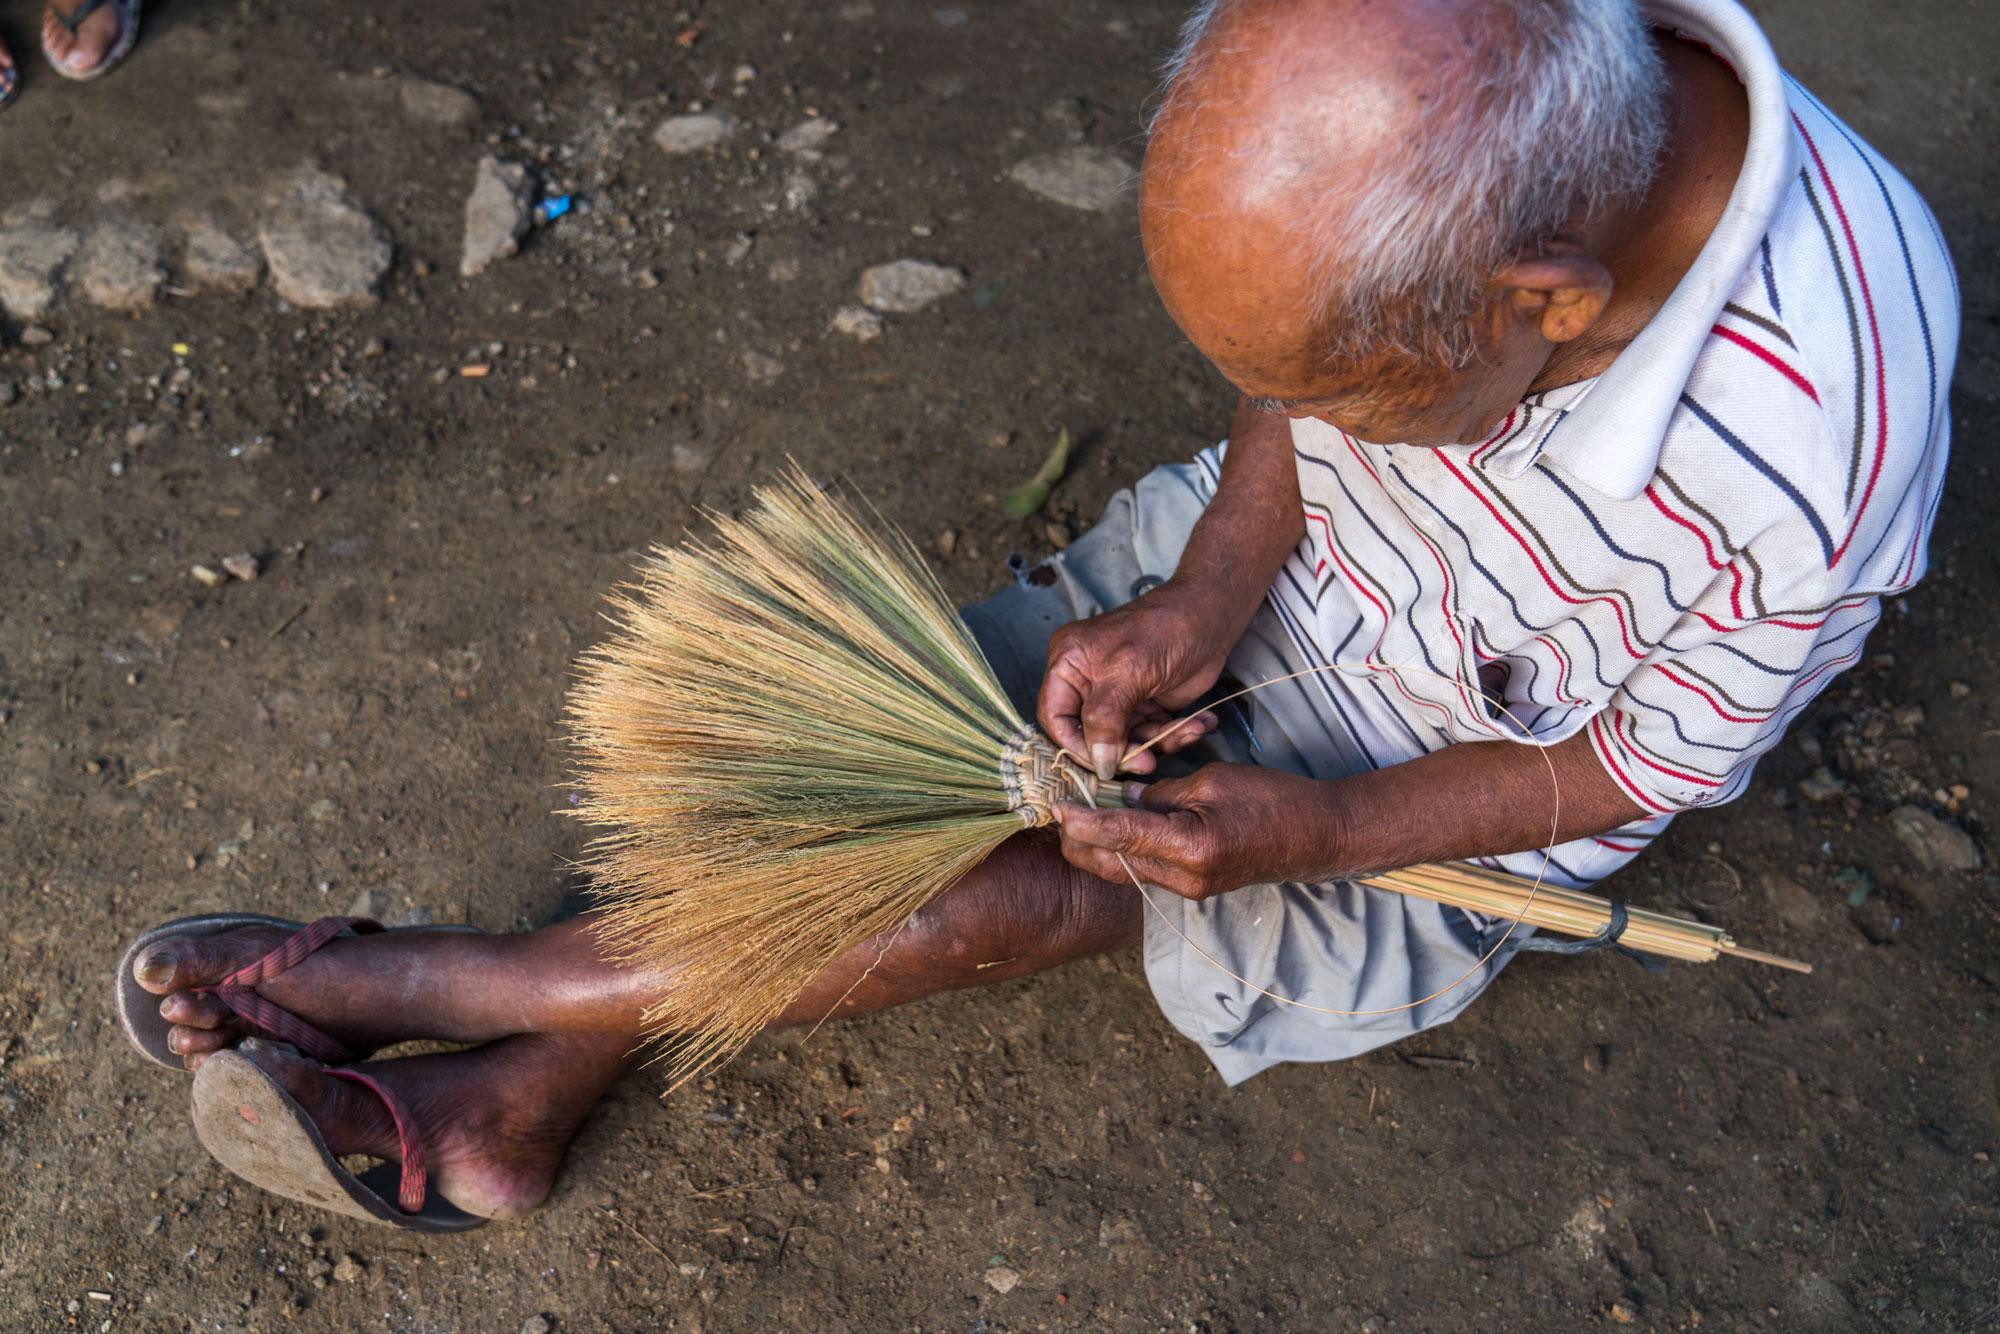 a man weaves a wicker broom